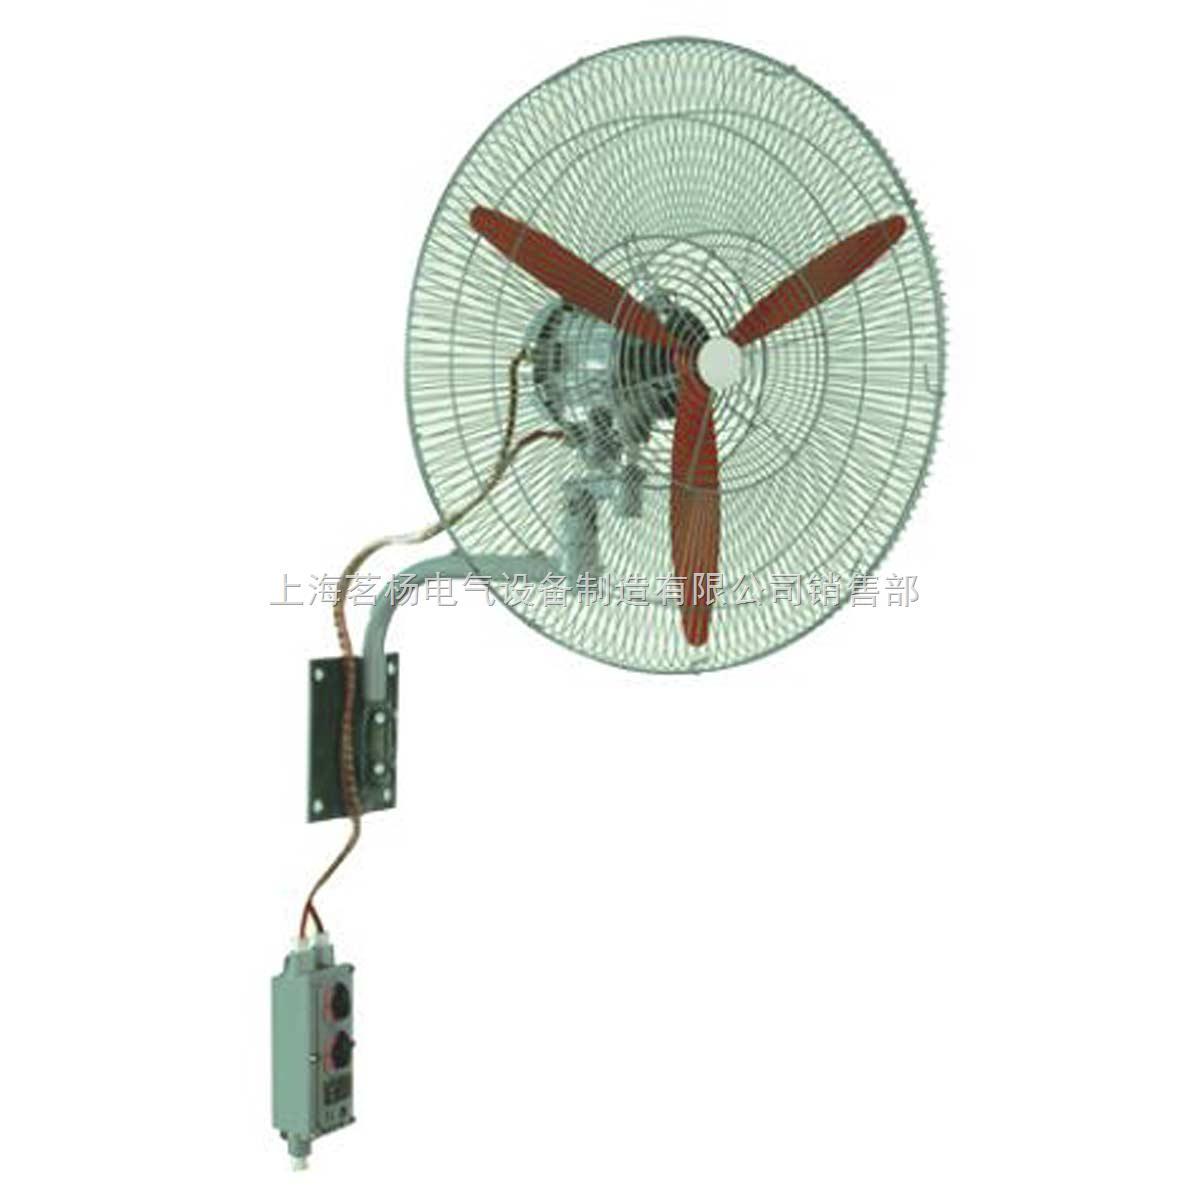 长虹空调扇电机接线图